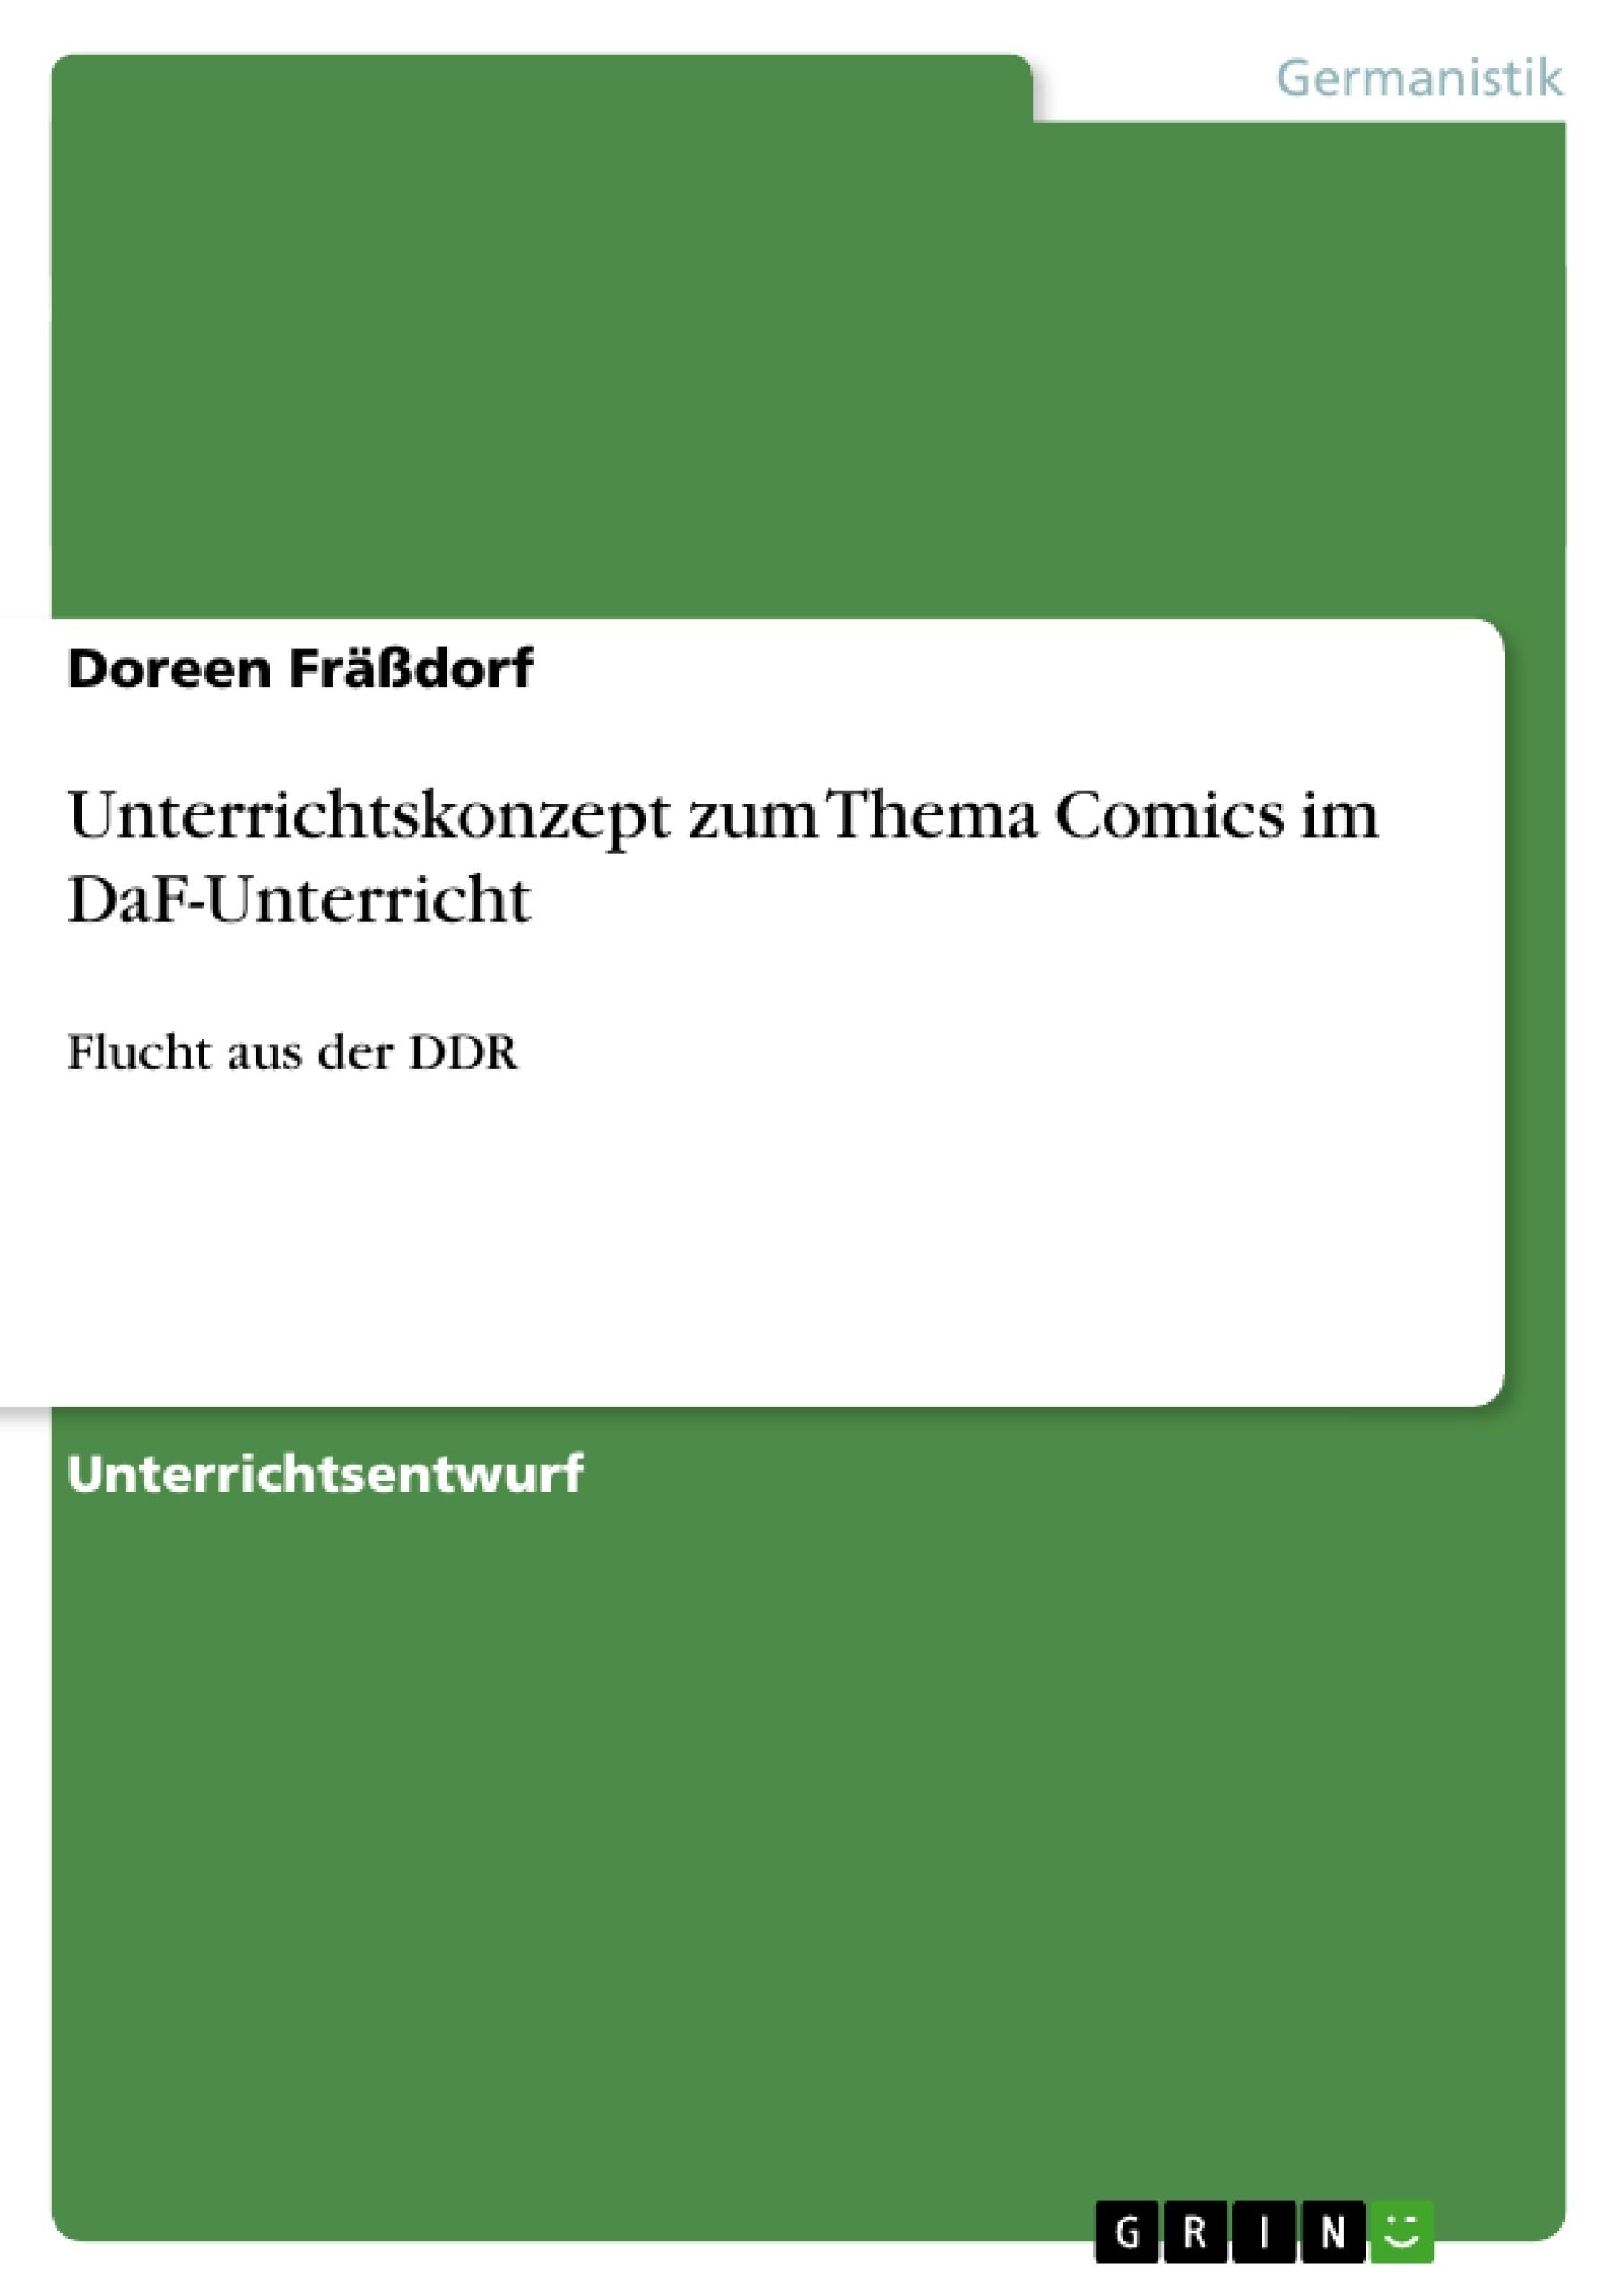 Unterrichtskonzept zum Thema Comics im DaF-Unterricht | Masterarbeit ...